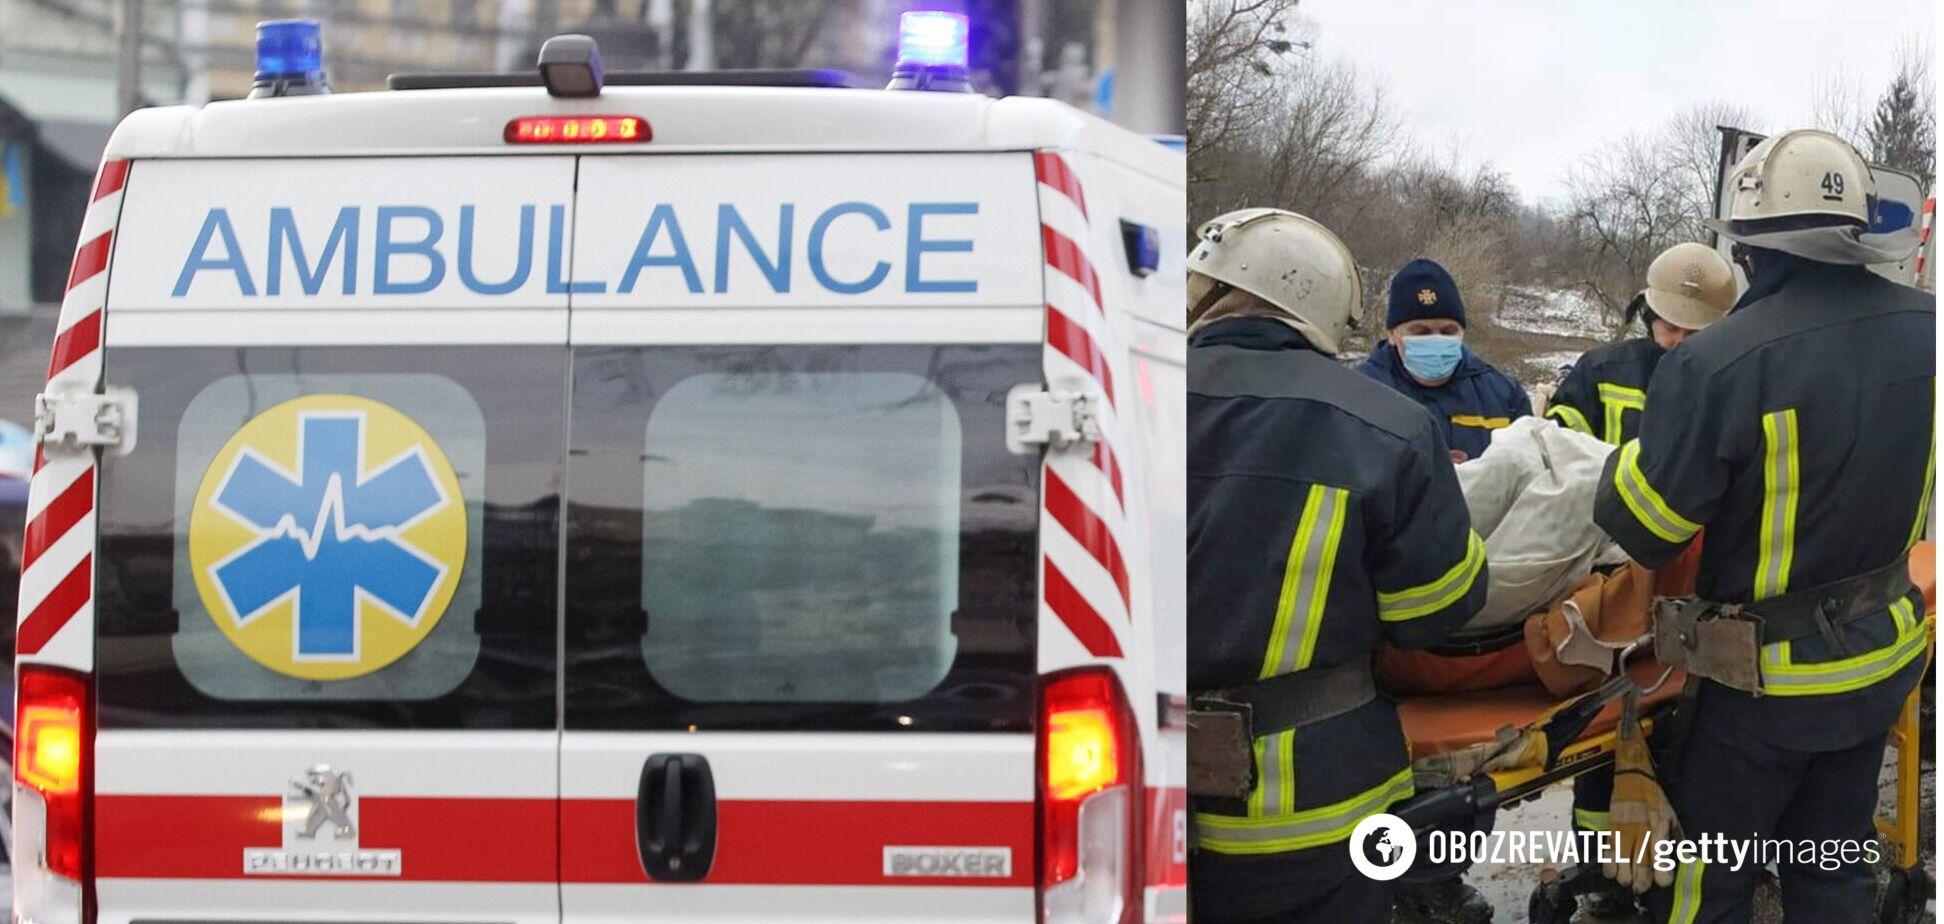 Під Харковом рятувальники 2 км несли на ношах пацієнта до швидкої. Фото і відео